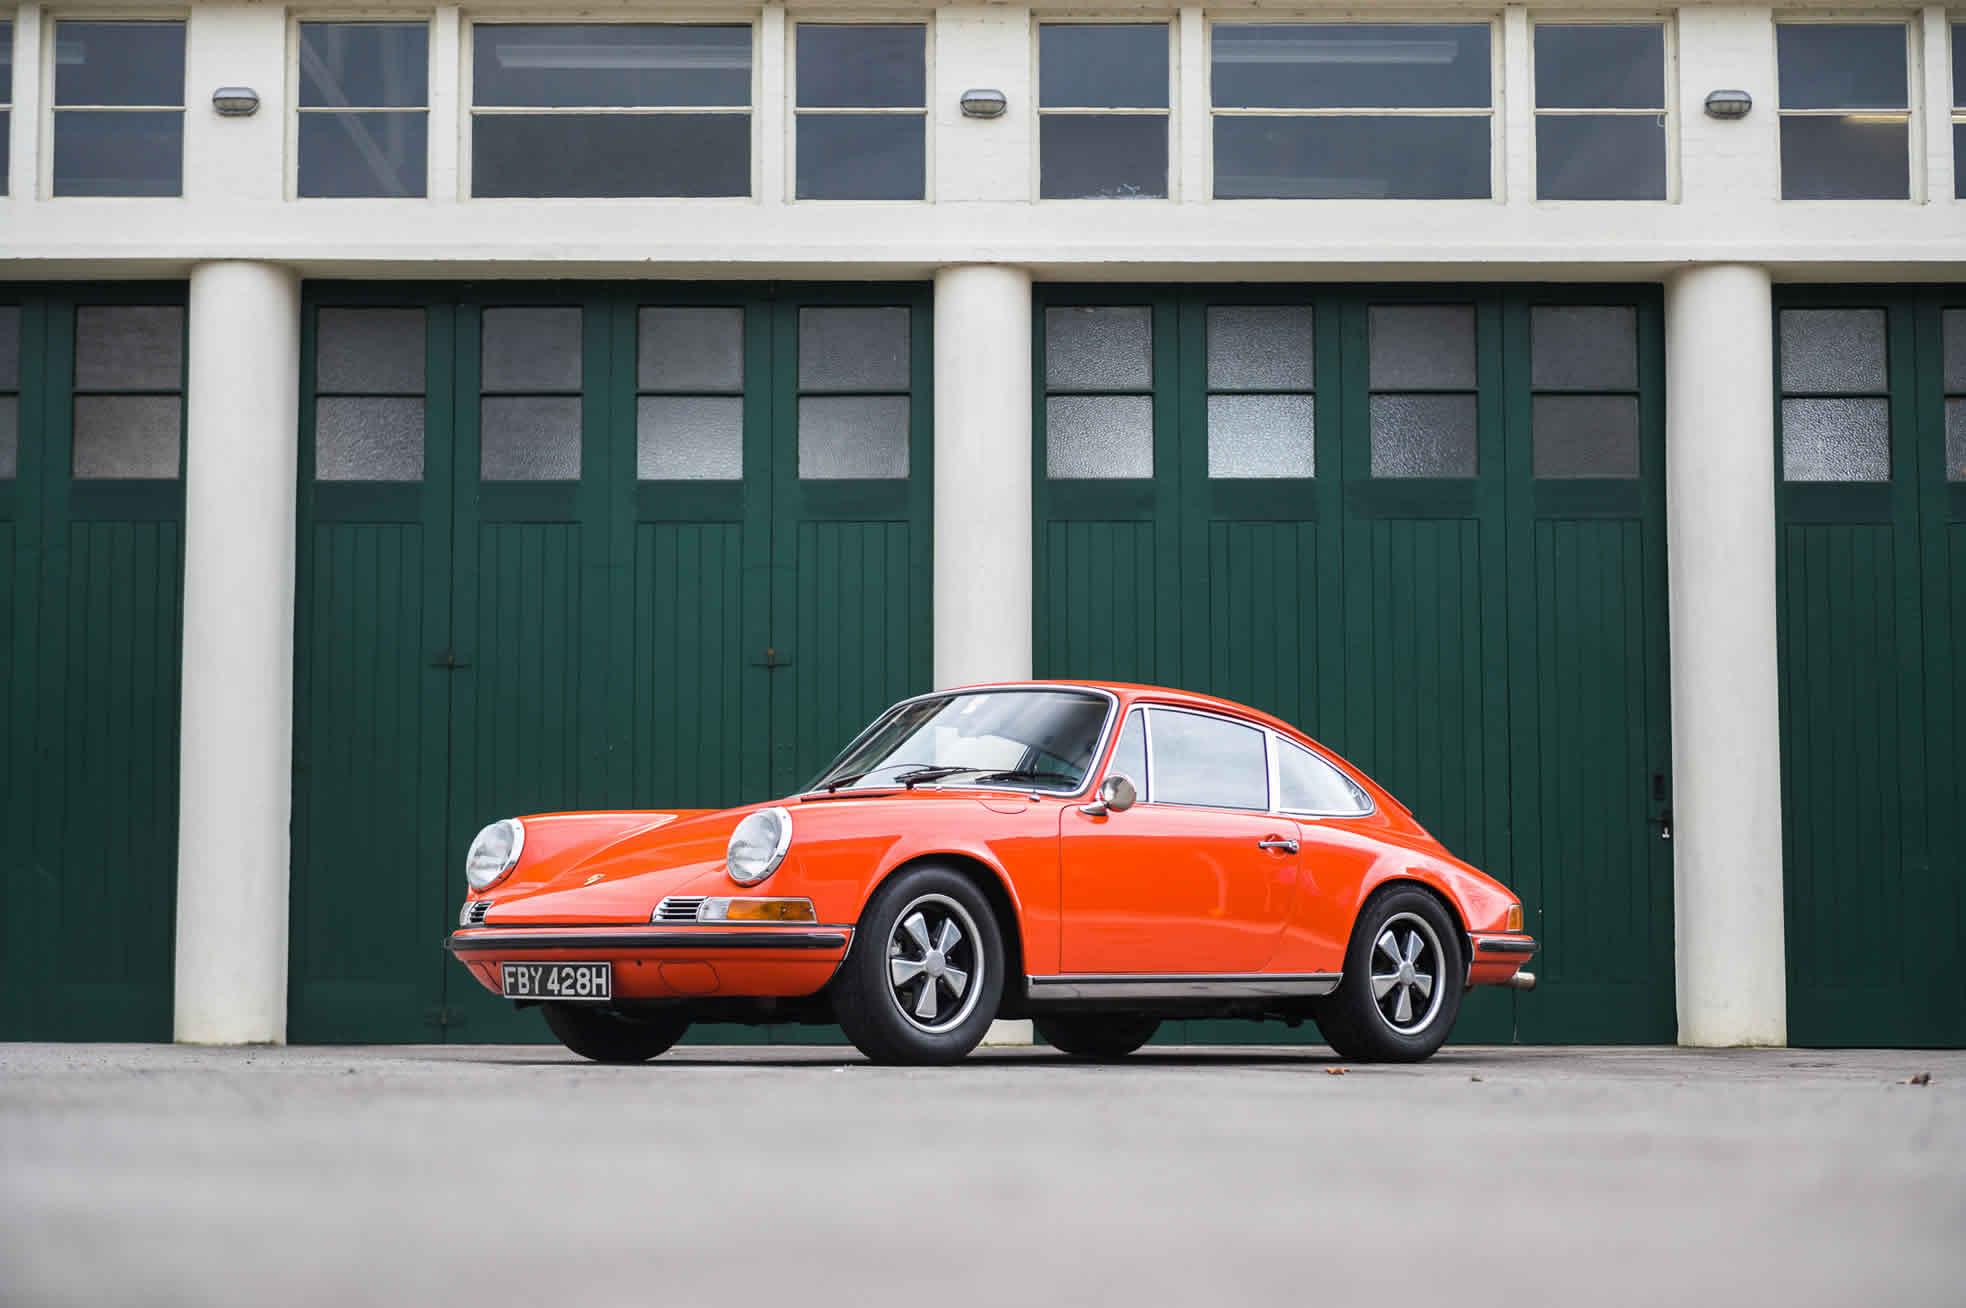 For Sale 1970 Porsche 911S 2.2 front quarter